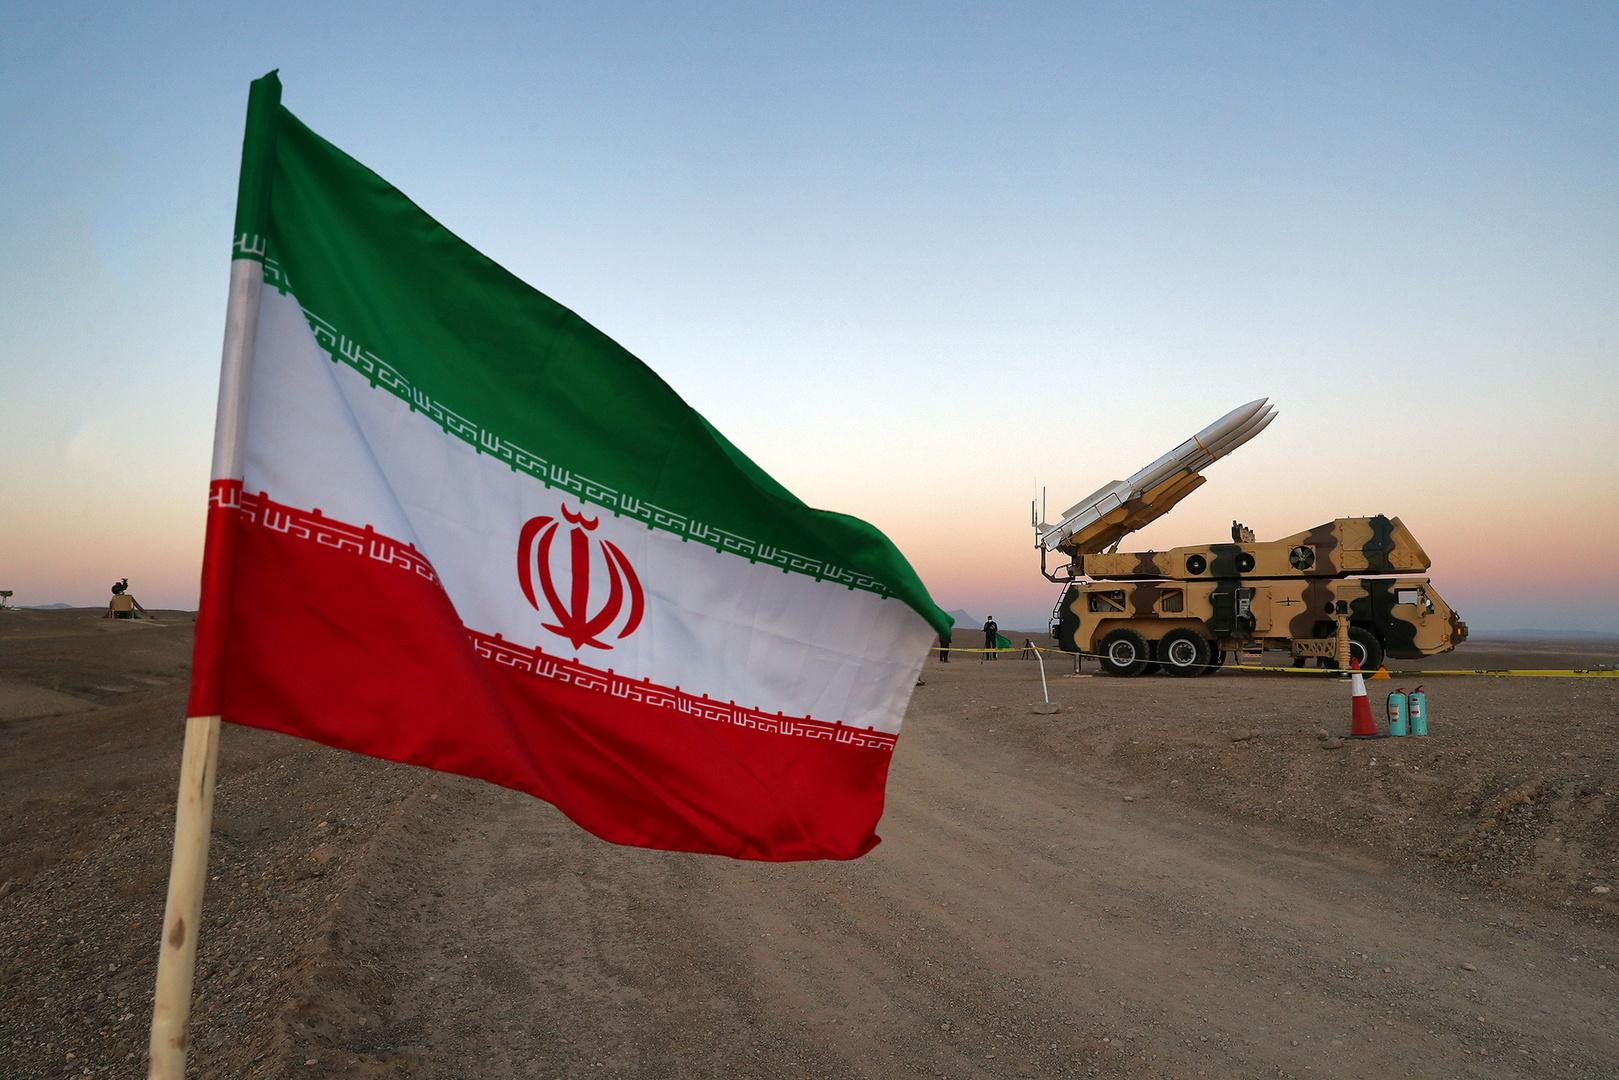 قائد إيراني:  إسرائيل ستدفع الثمن غاليا على أي خطأ  ترتكبه وتحريضها لواشنطن سيقتل الجنود الأمريكيين